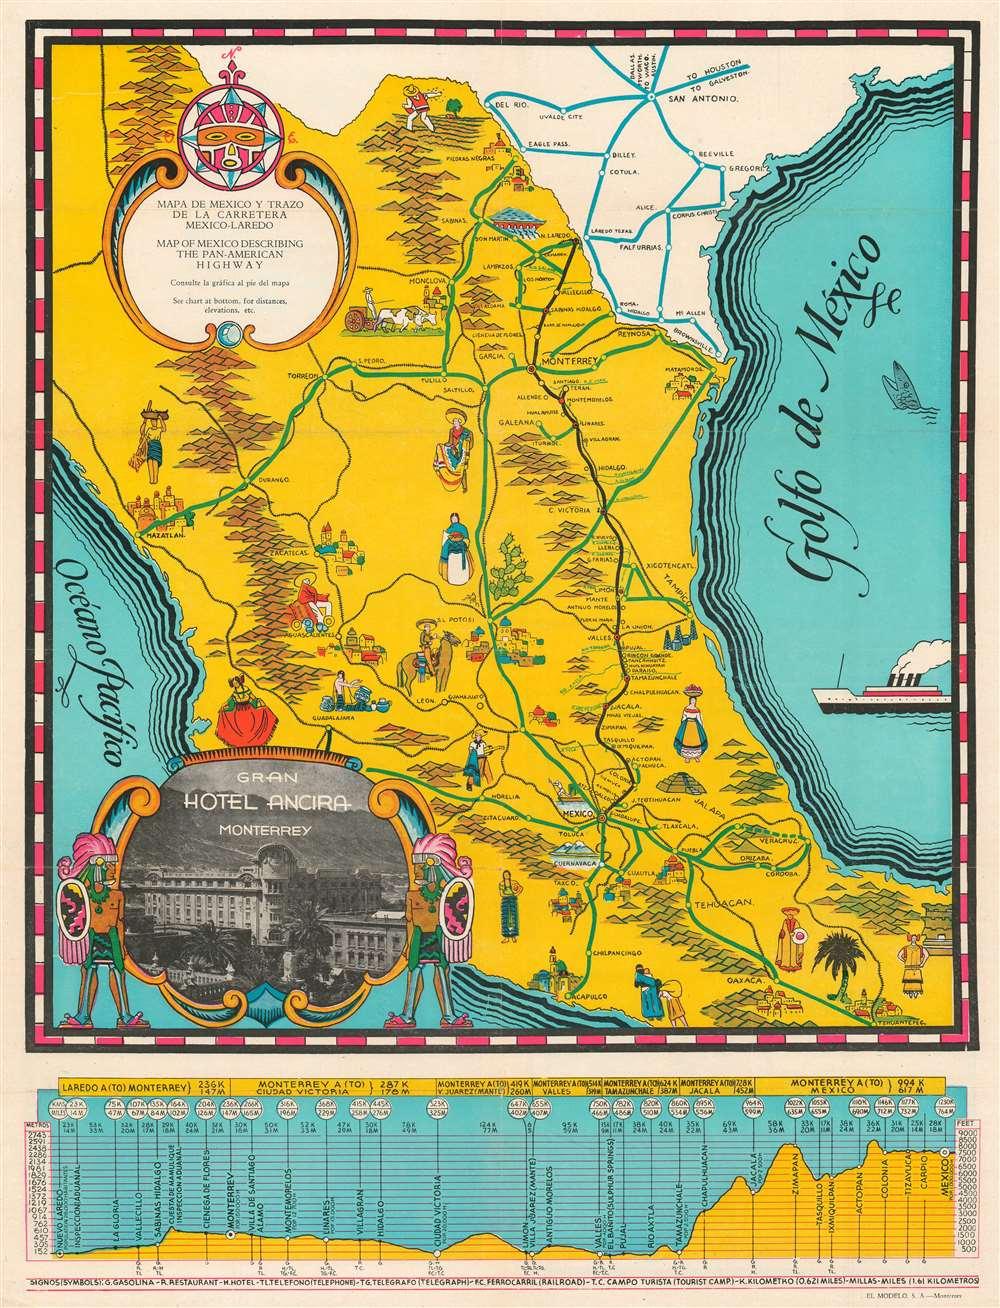 Mapa de Mexico y Trazo de la Carretera Mexico-Laredo. Map of Mexico Describing the Pan-American Highway. - Main View